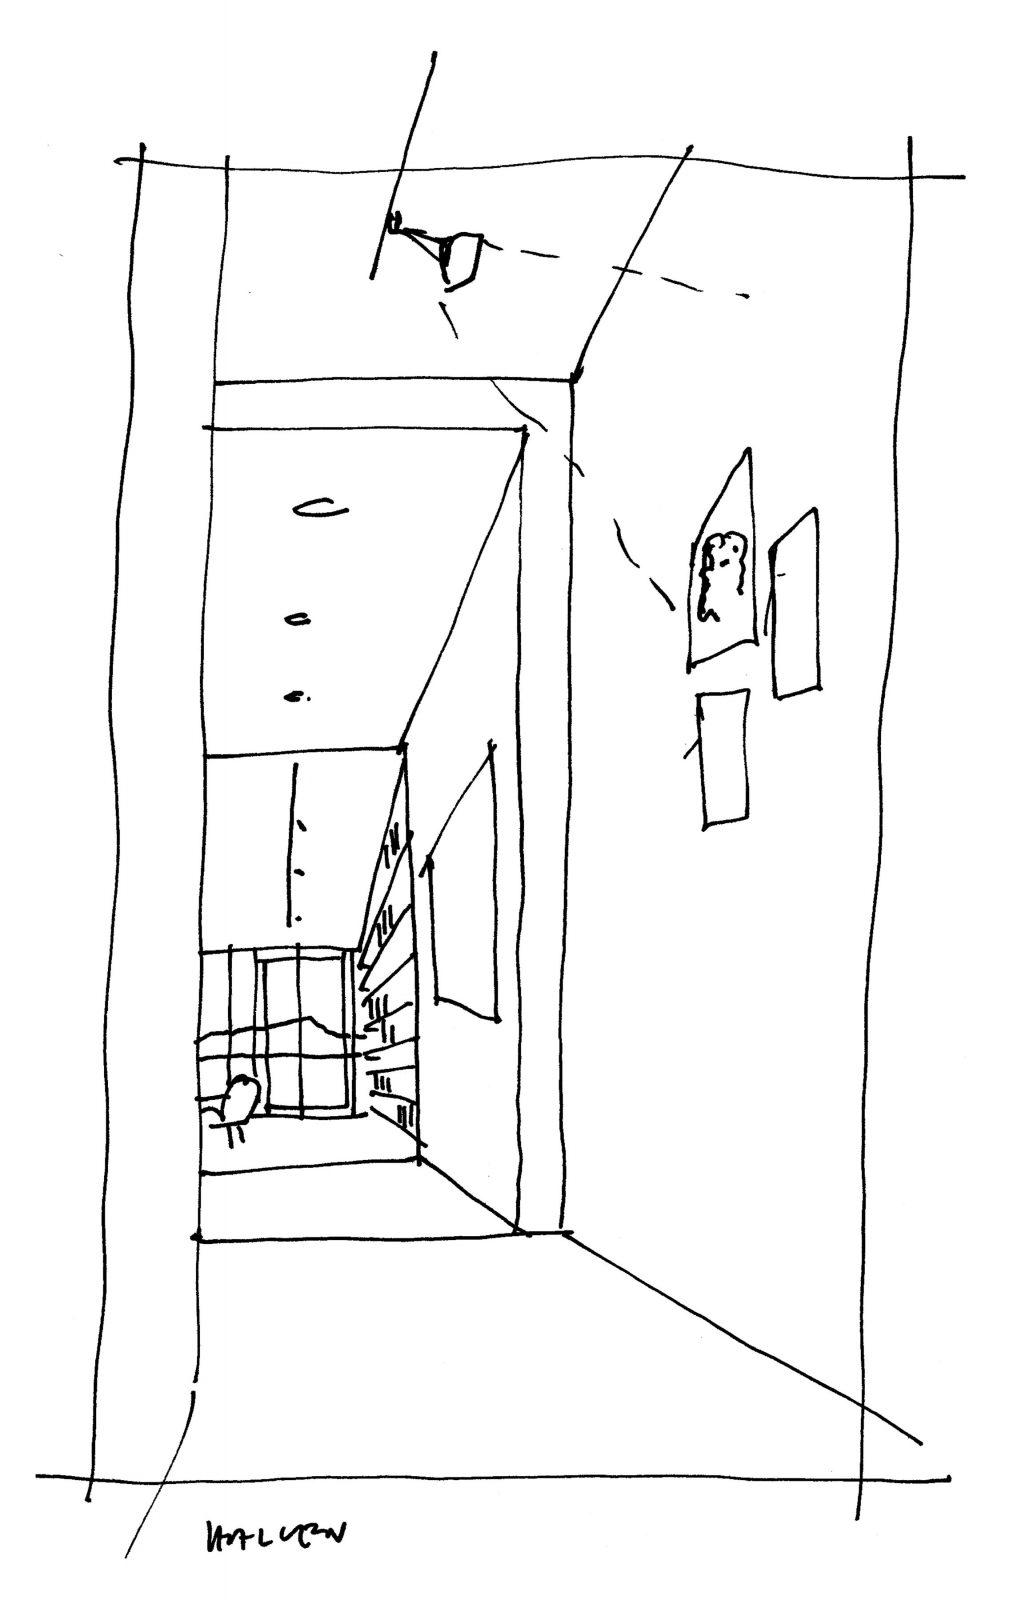 KjellanderSjoberg Stora-Katrineberg sketch03